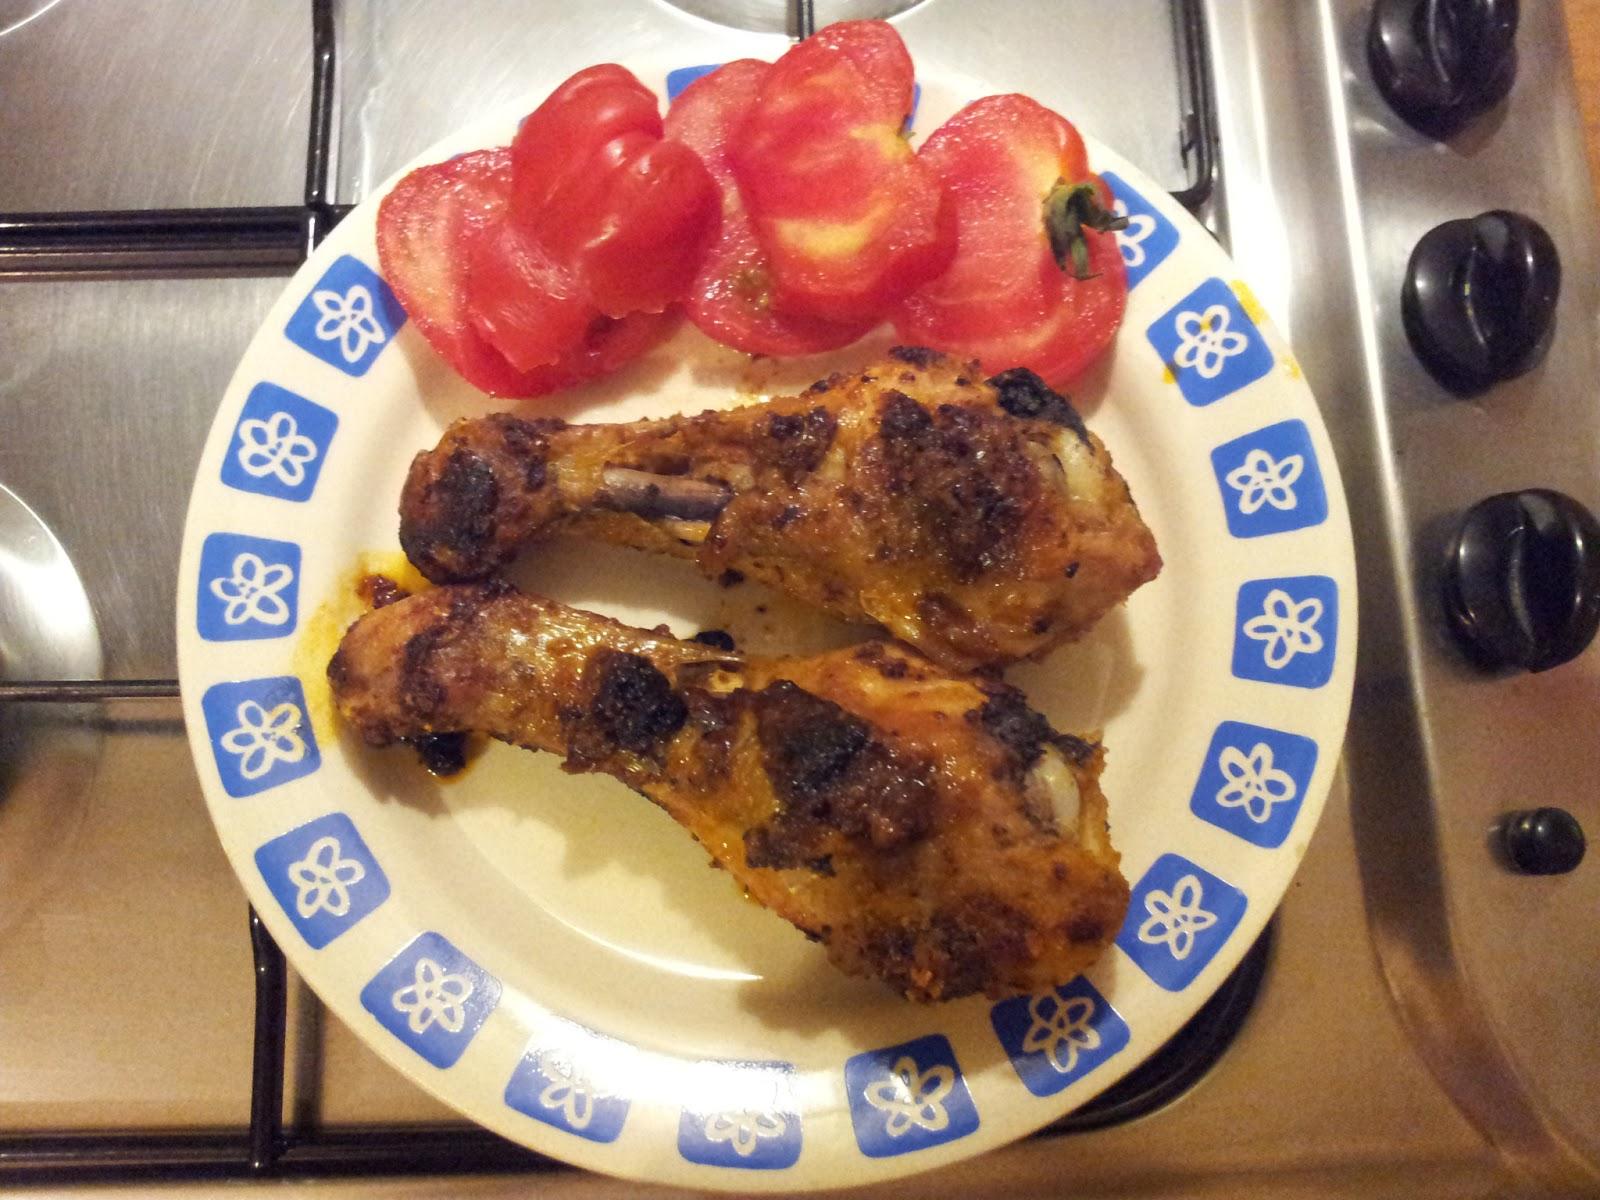 La cucina delle nonne coscette di pollo al forno - Nonne in cucina ...